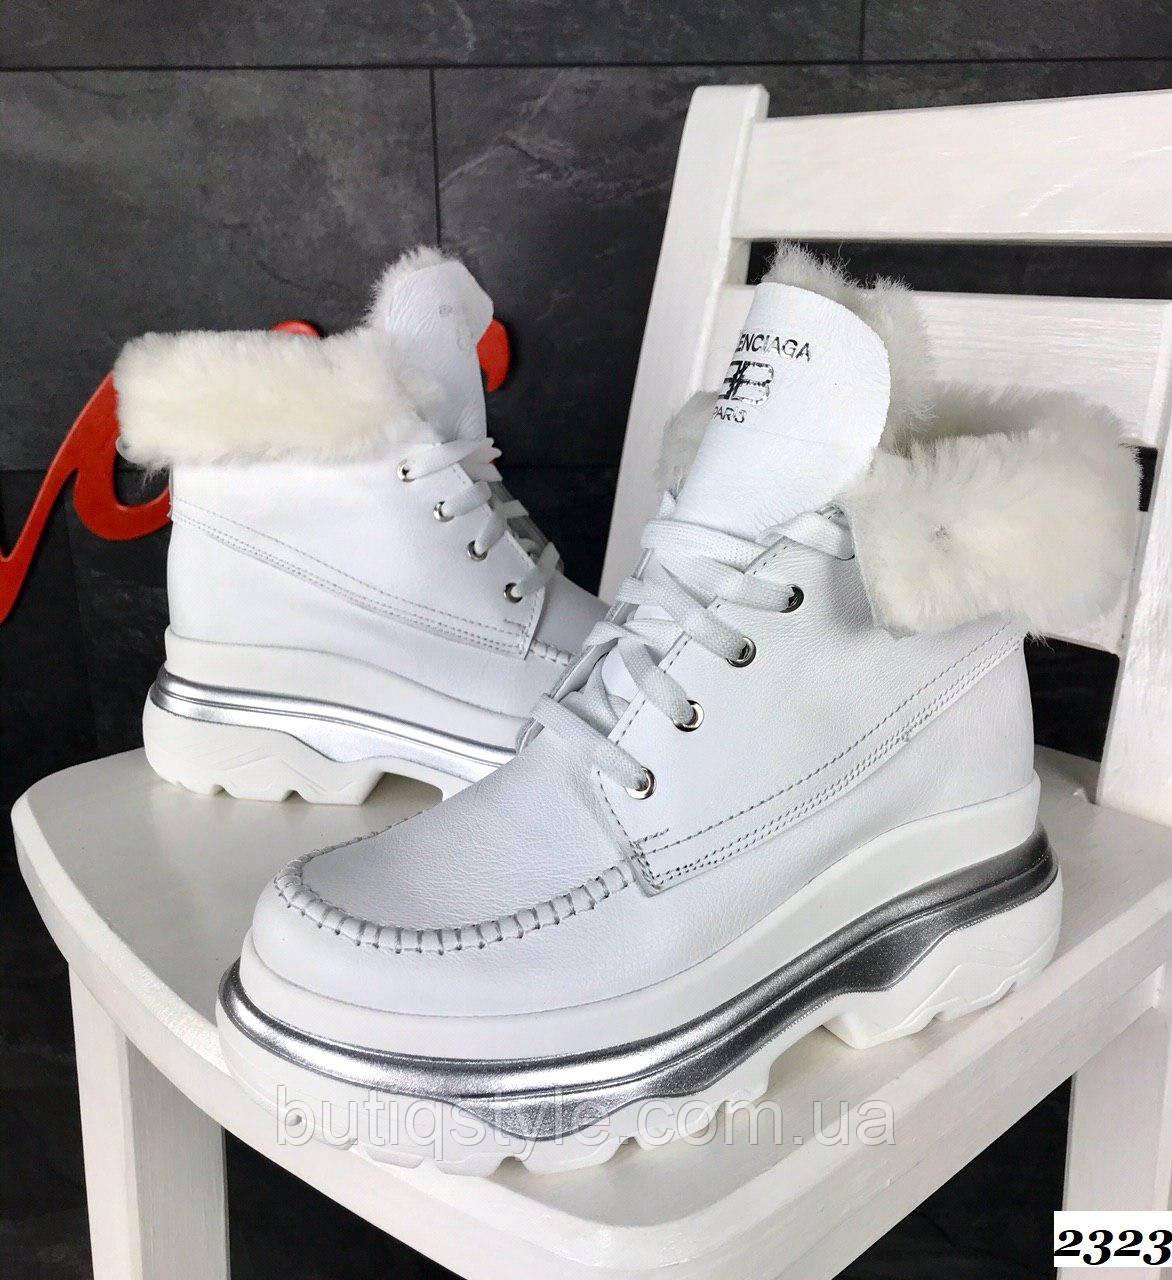 Зимние белые ботинки натуральная кожа на меху